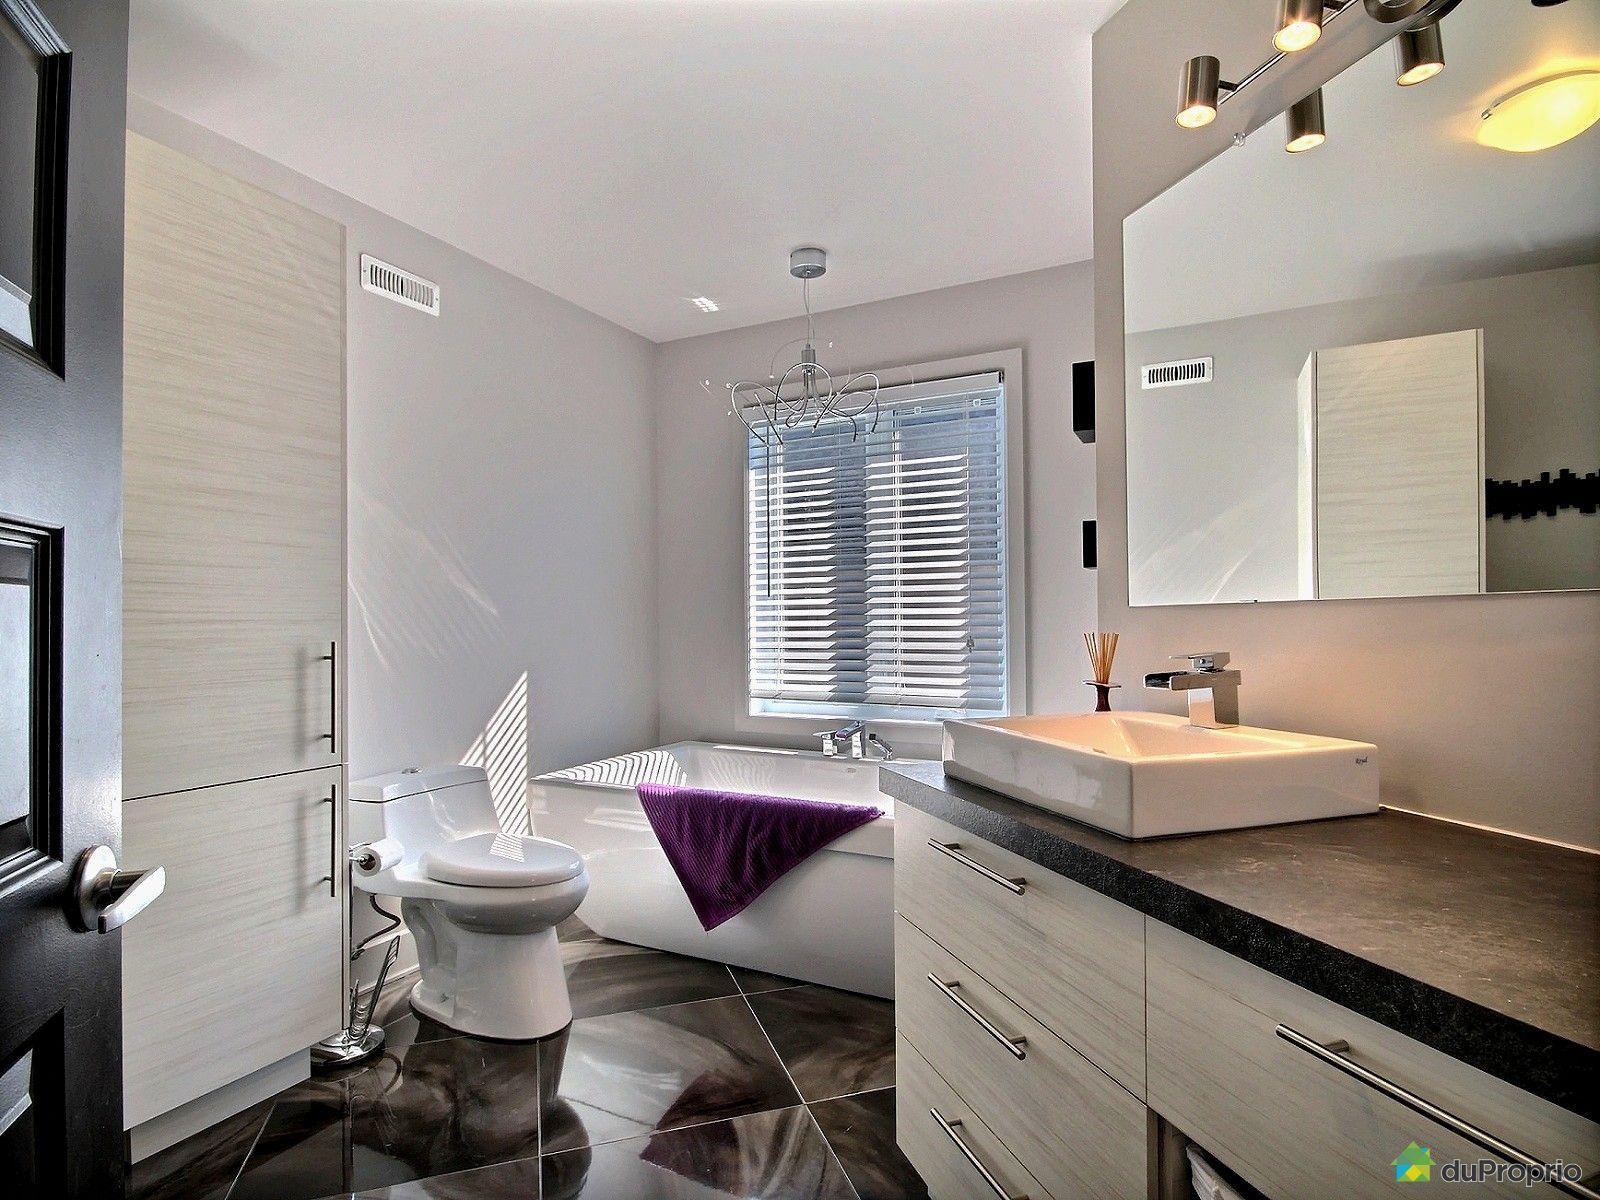 Maison vendu st j r me immobilier qu bec duproprio 522490 for Accessoire salle de bain st jerome